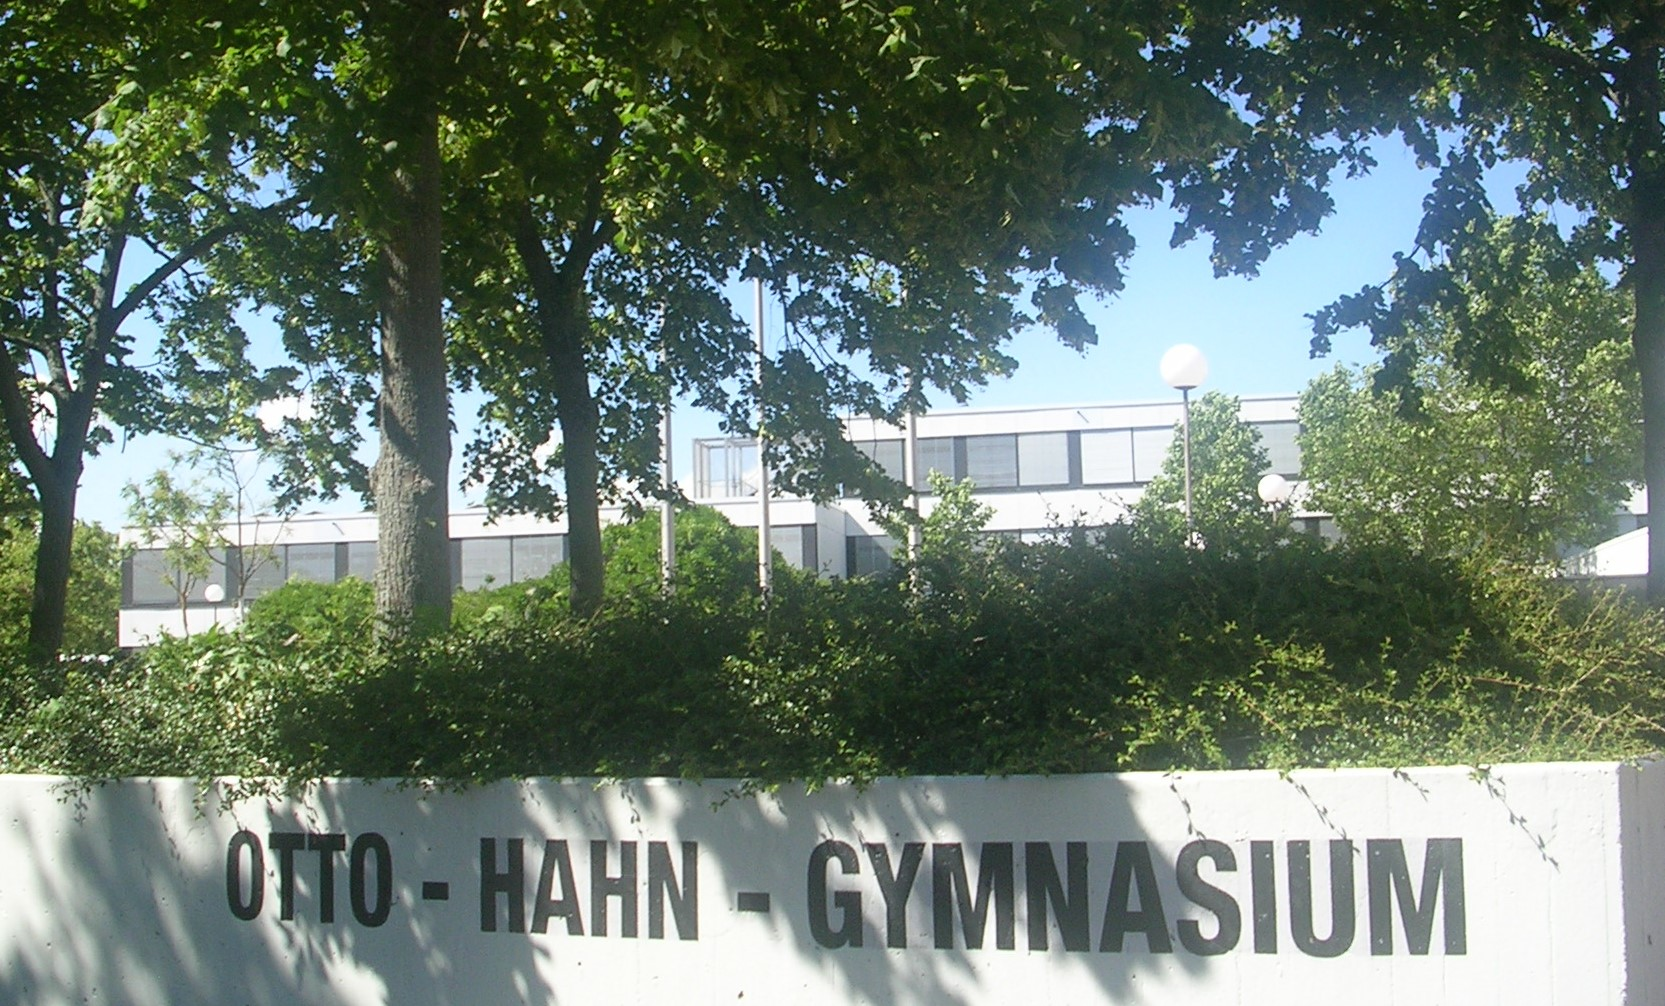 Otto Hahn Gymnasium Karlsruhe